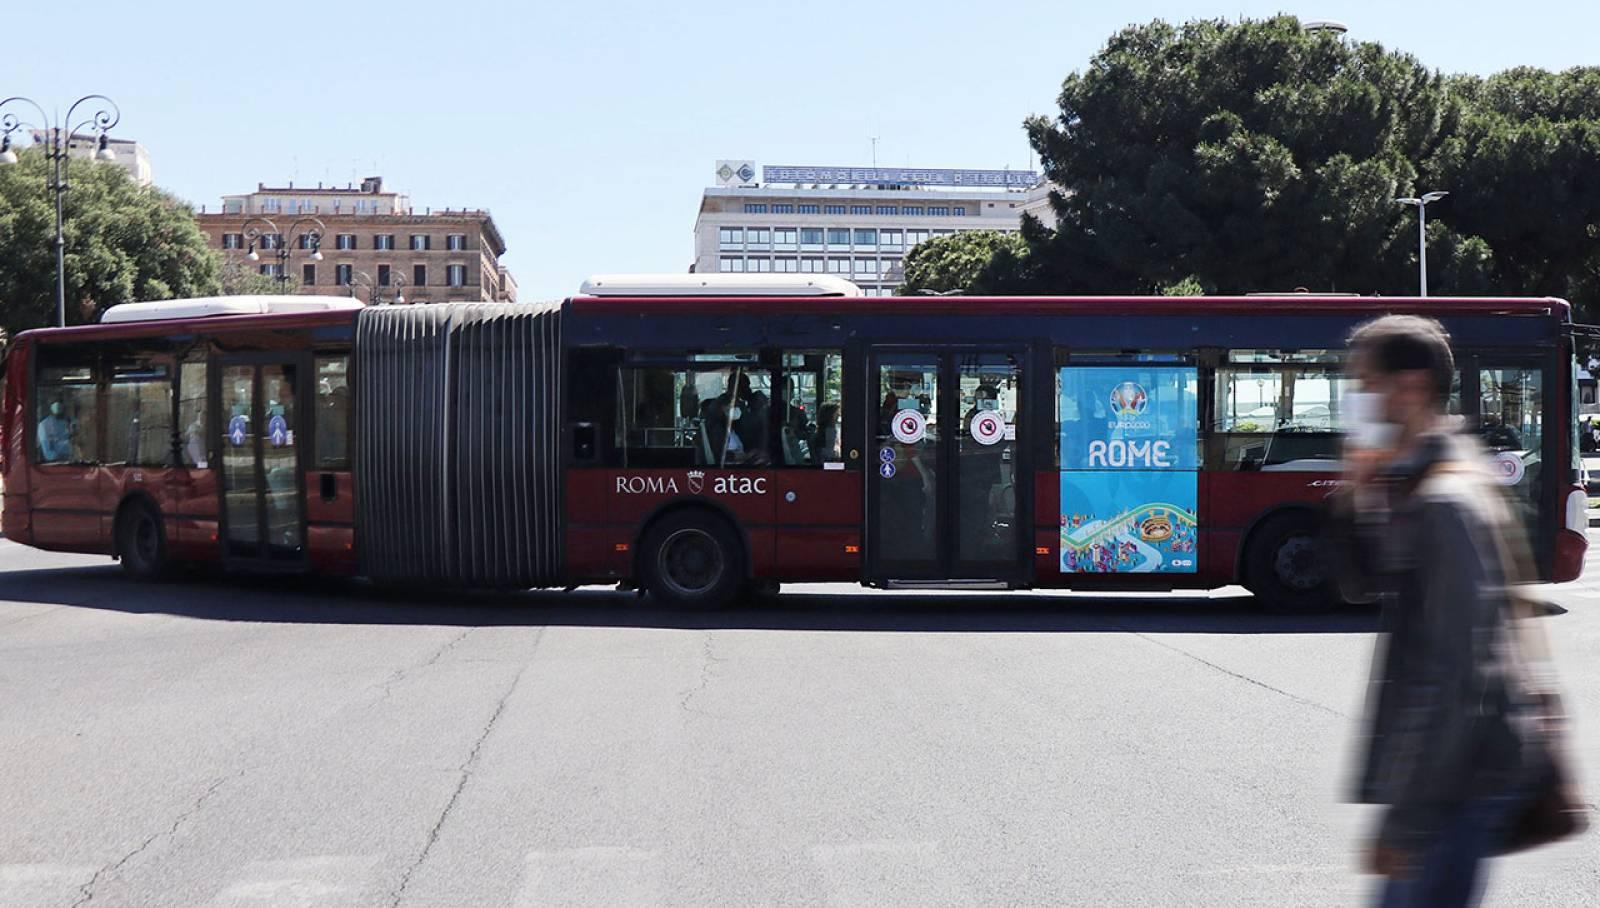 Pubblicità su autobus IGPDecaux a Roma MUPI side per UEFA 2020